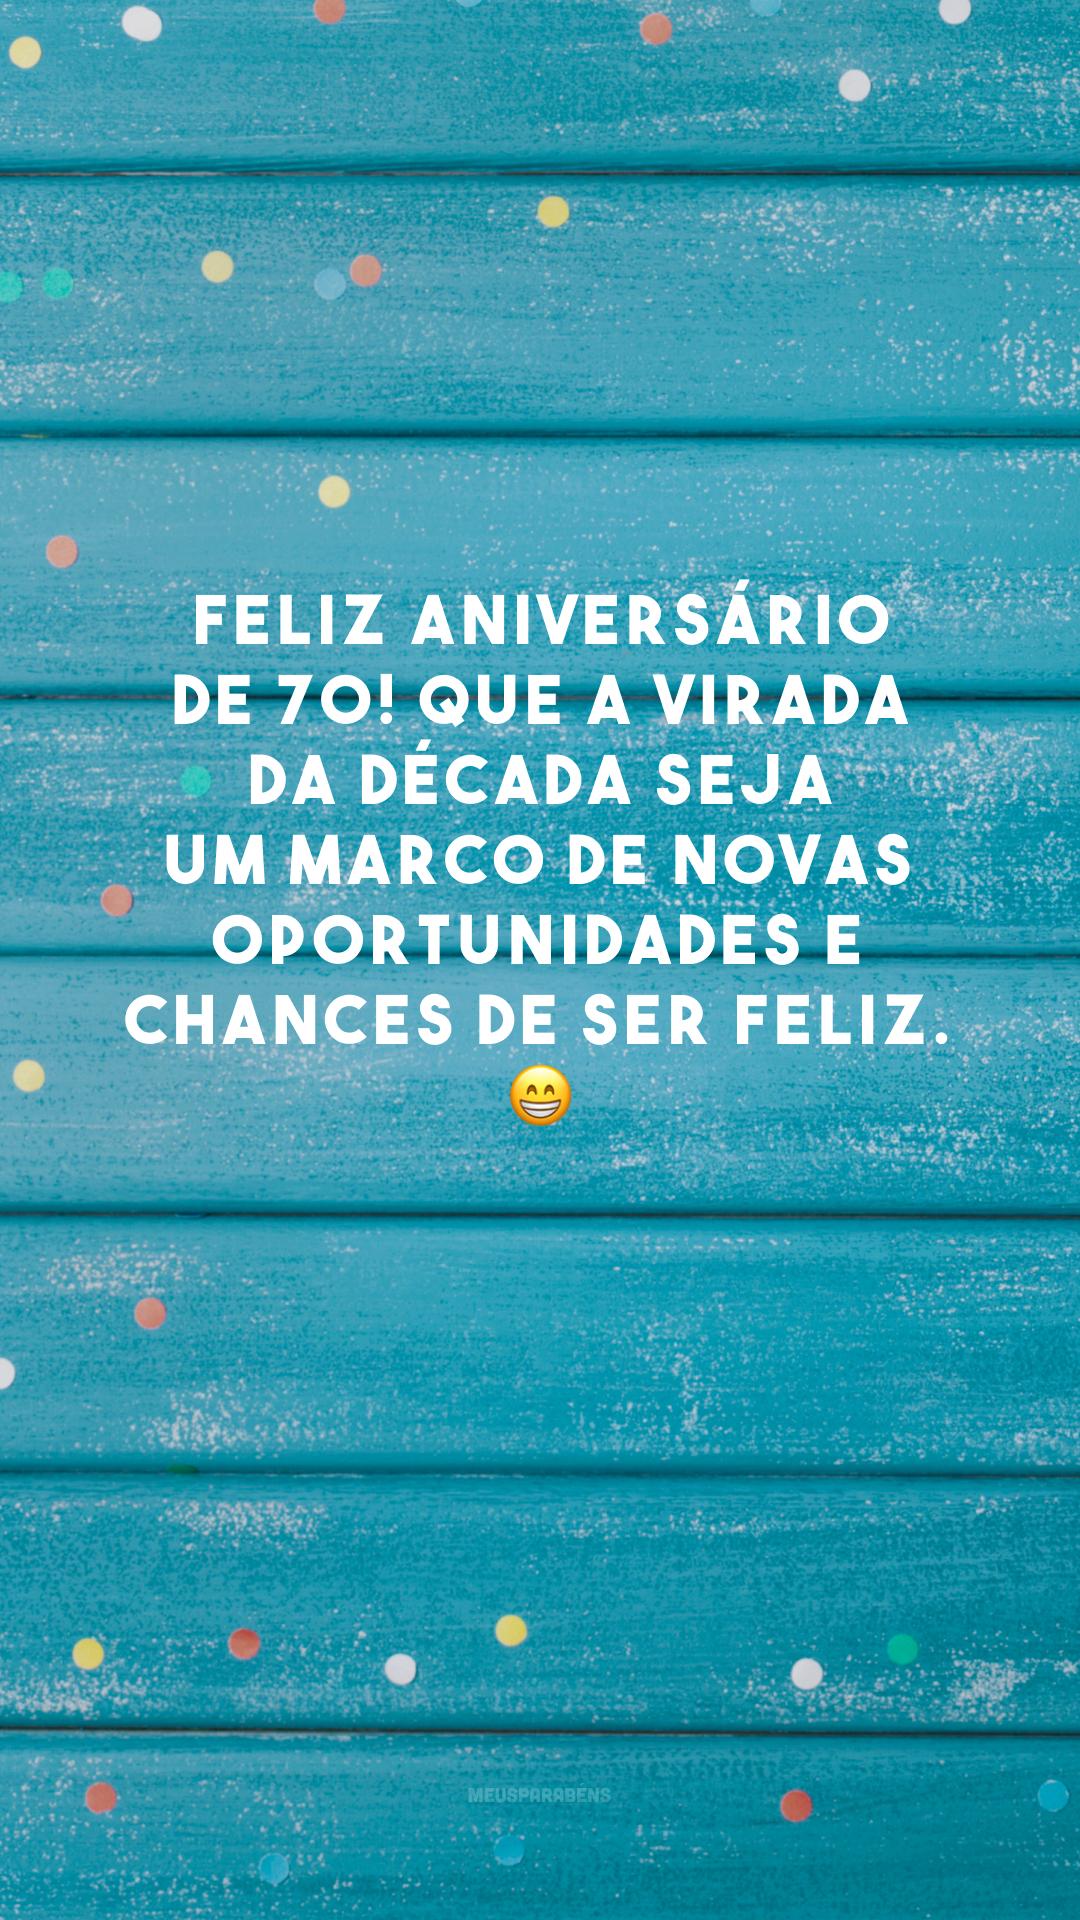 Feliz aniversário de 70! Que a virada da década seja um marco de novas oportunidades e chances de ser feliz. 😁